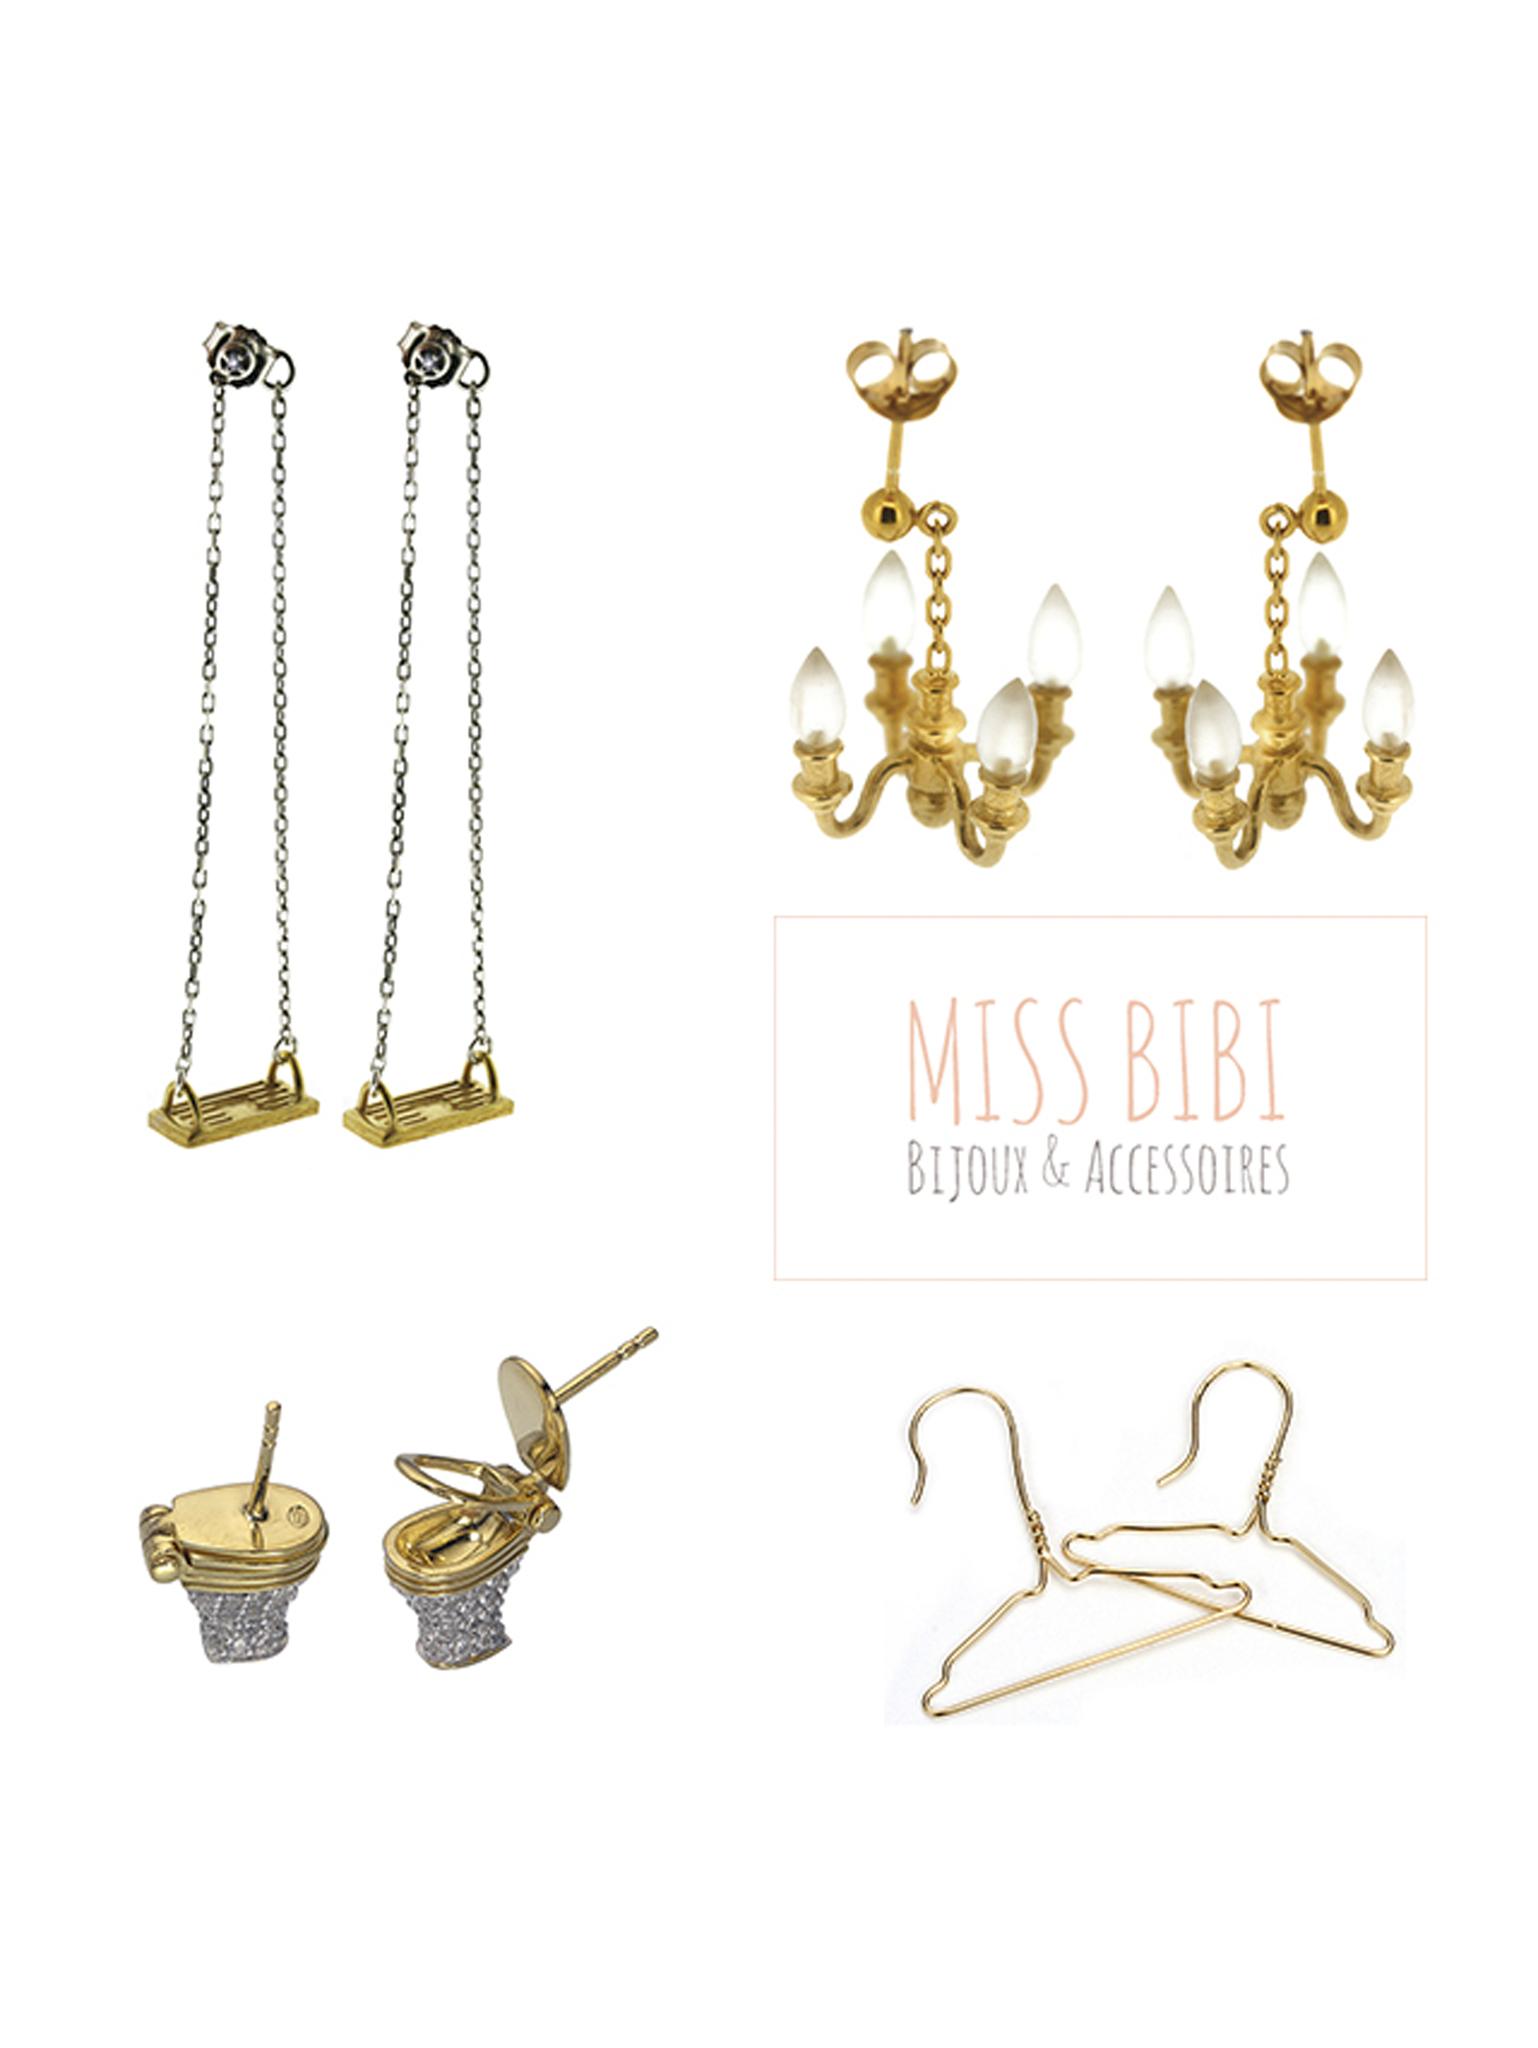 Ювелирный бренд волшебных украшений - Miss Bibi